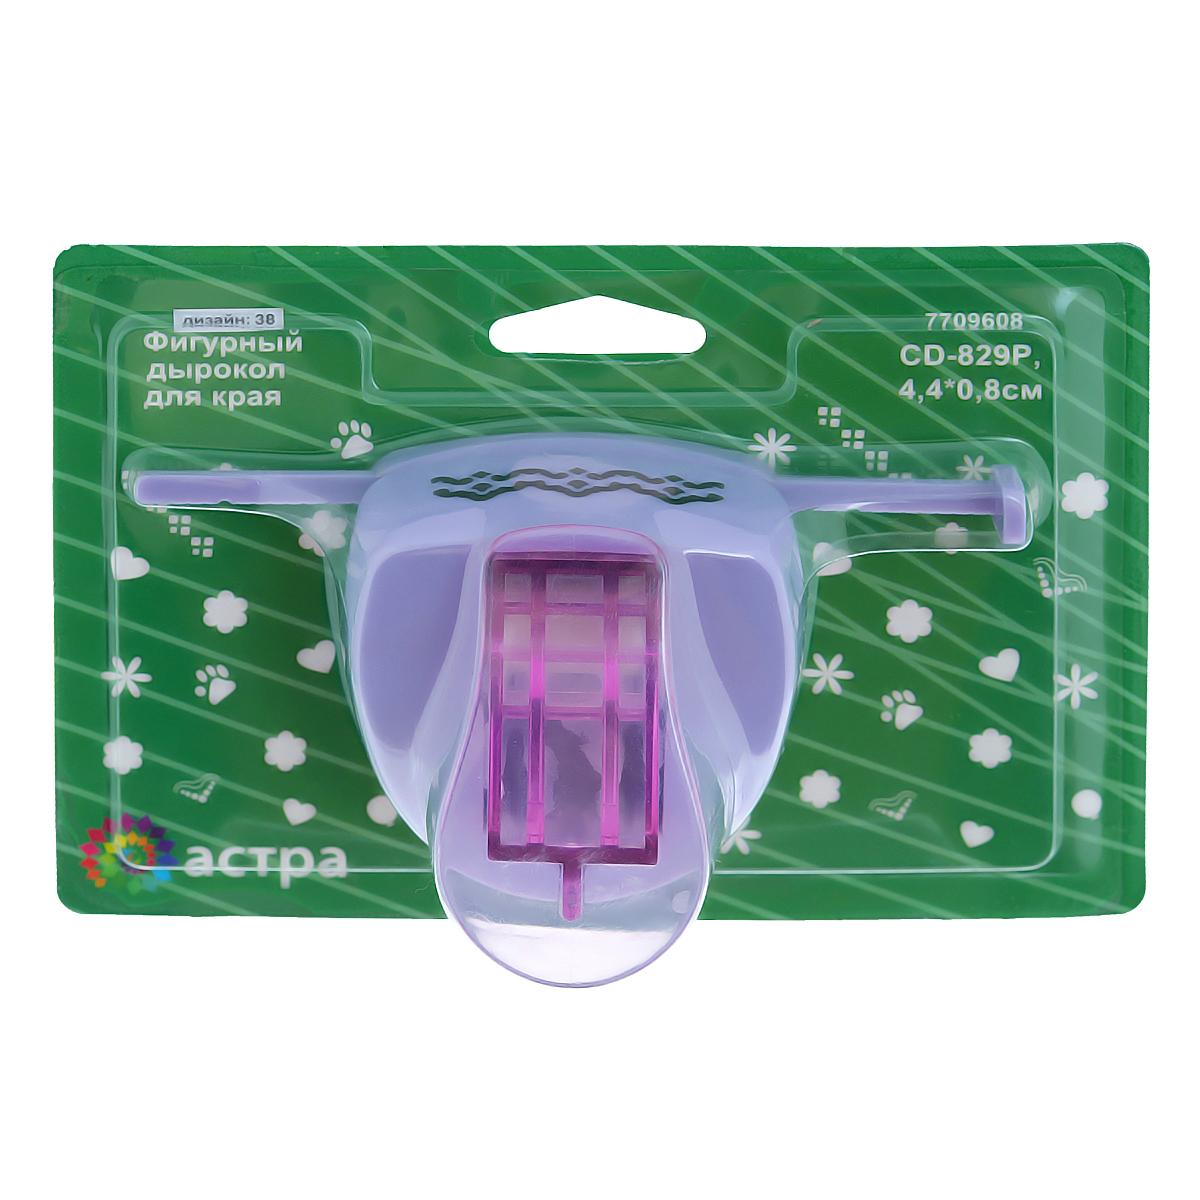 Дырокол фигурный Астра Волны, для края, №38FS-36052Дырокол Астра Волны поможет вам легко, просто и аккуратно вырезать много одинаковых мелких фигурок. Встроенная линейка позволяет точно измерять расстояние от края листа.Режущие части компостера закрыты пластмассовым корпусом, что обеспечивает безопасность для детей. Можно использовать вырезанные мотивы как конфетти или для наклеивания. Дырокол подходит для разных техник: декупажа, скрапбукинга, декорирования.Размер дырокола: 13 см х 7 см х 5 см.